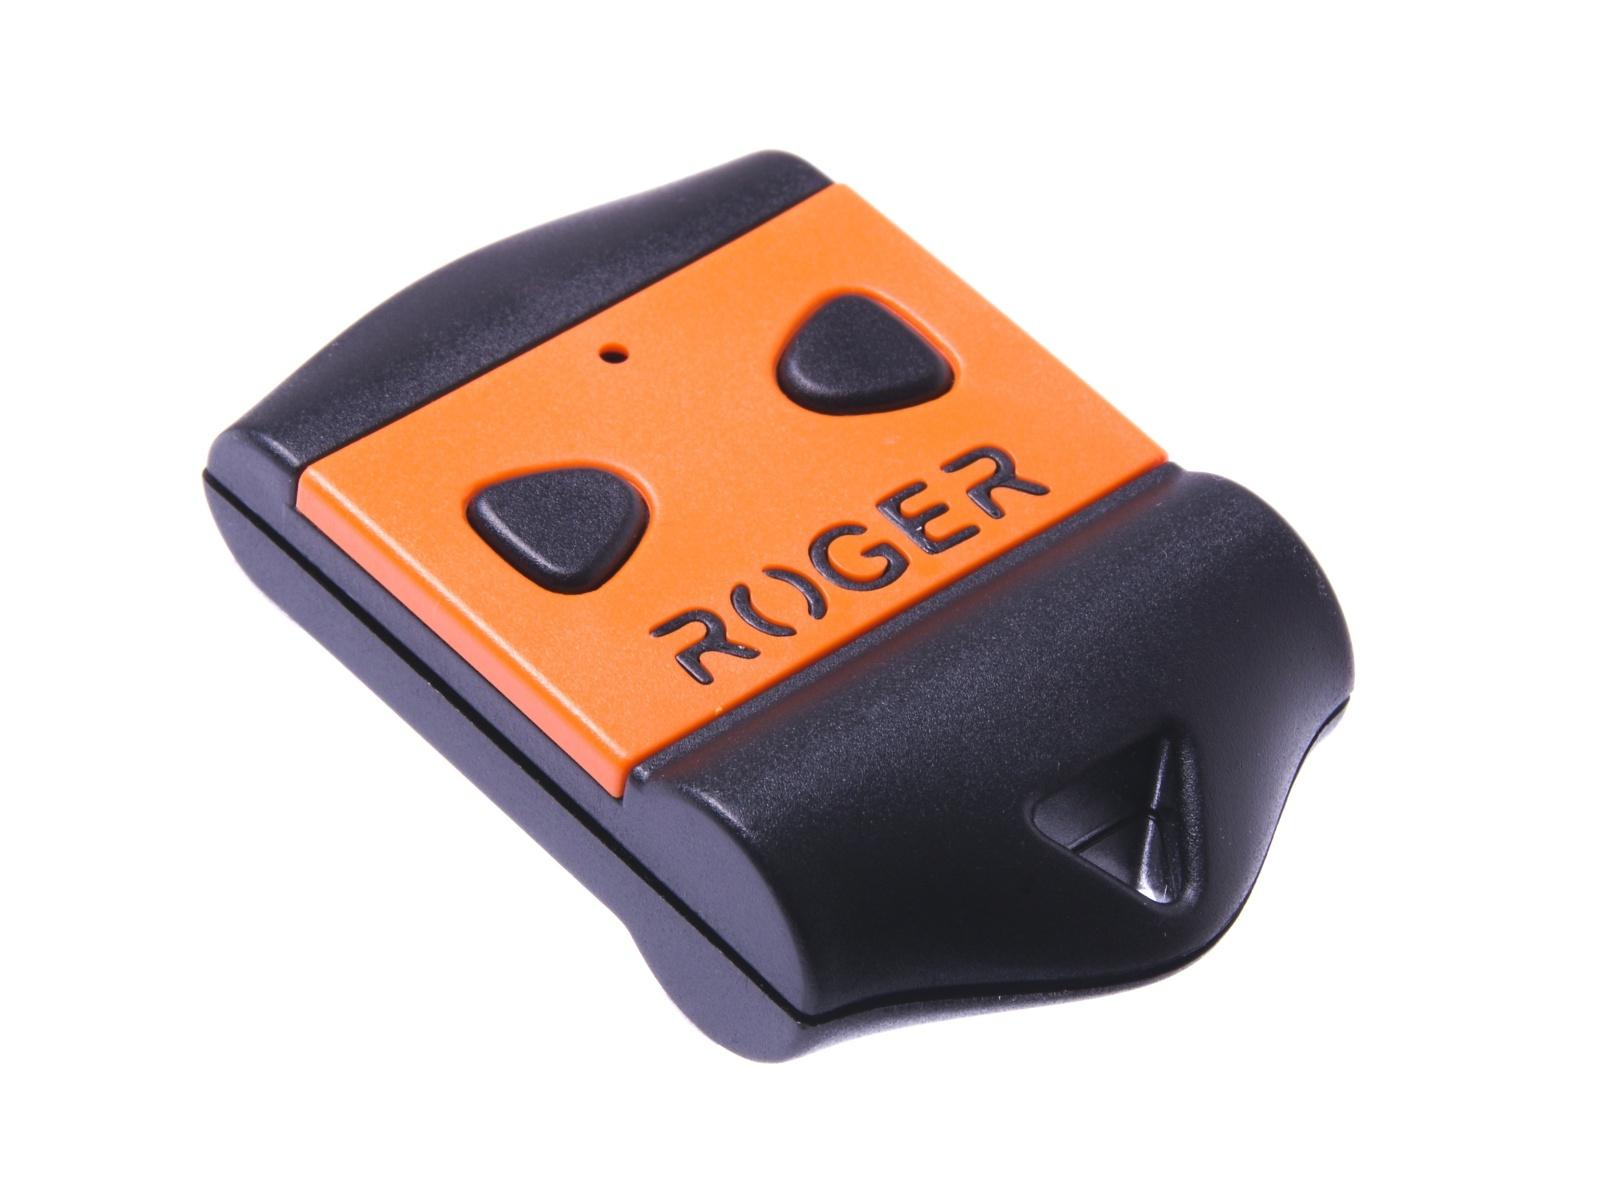 ROGER TX22 DVOUKANÁLOVÝ DÁLKOVÝ OVLADAČ 433,92MHZ pro pohony ROGER TECHNOLOGY skladem.